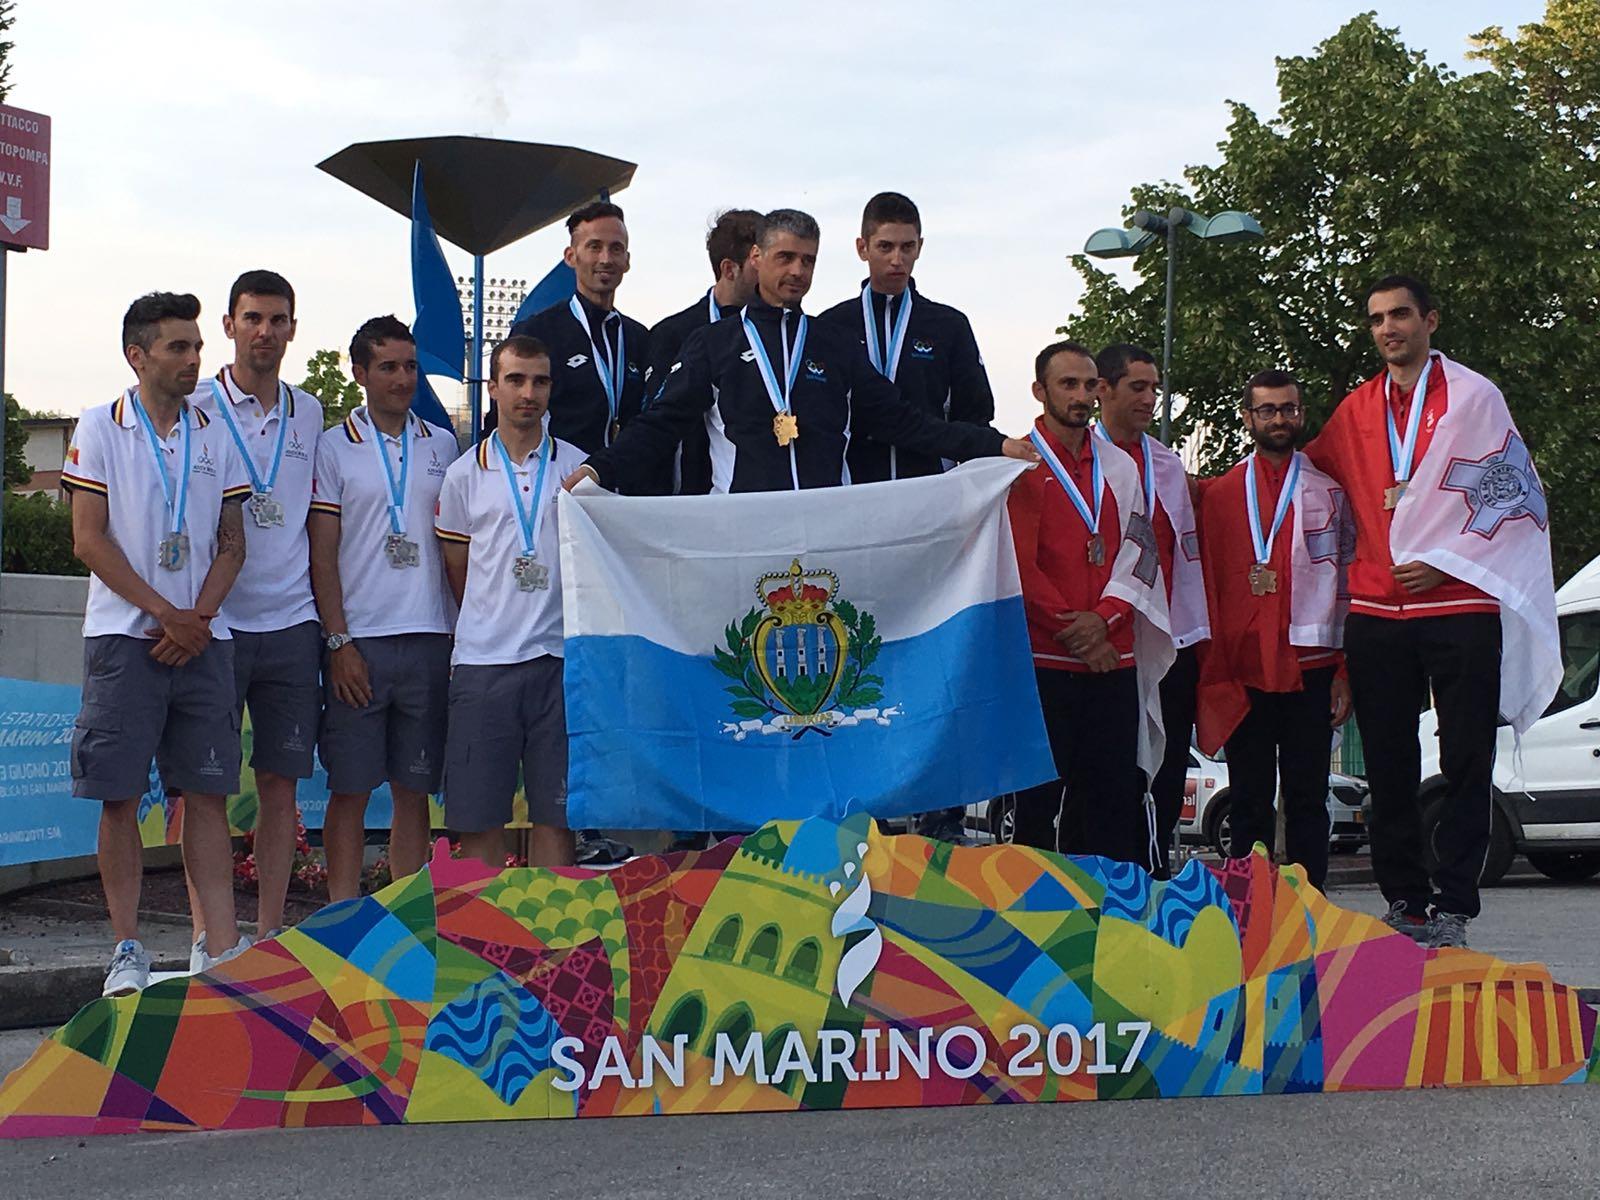 San Marino 30 de maig del 2017 - RTVA